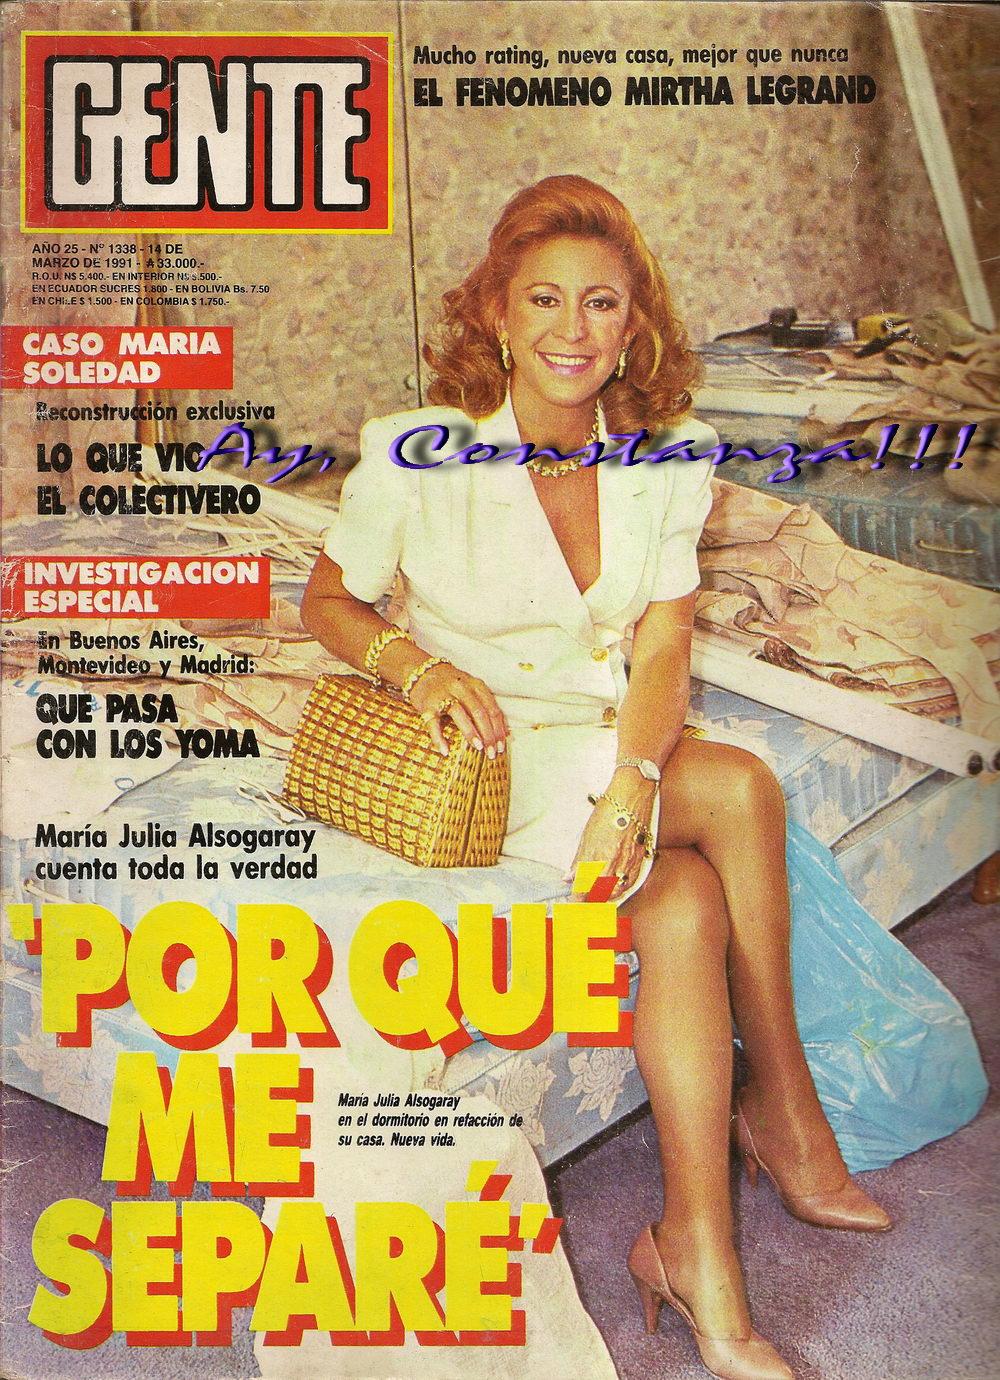 http://4.bp.blogspot.com/-b-brPdGyQGk/UaOT6Jkn4sI/AAAAAAAAMqw/zxCq_M6l6eo/s0/gente+14+de+marzo+de+1991.jpg